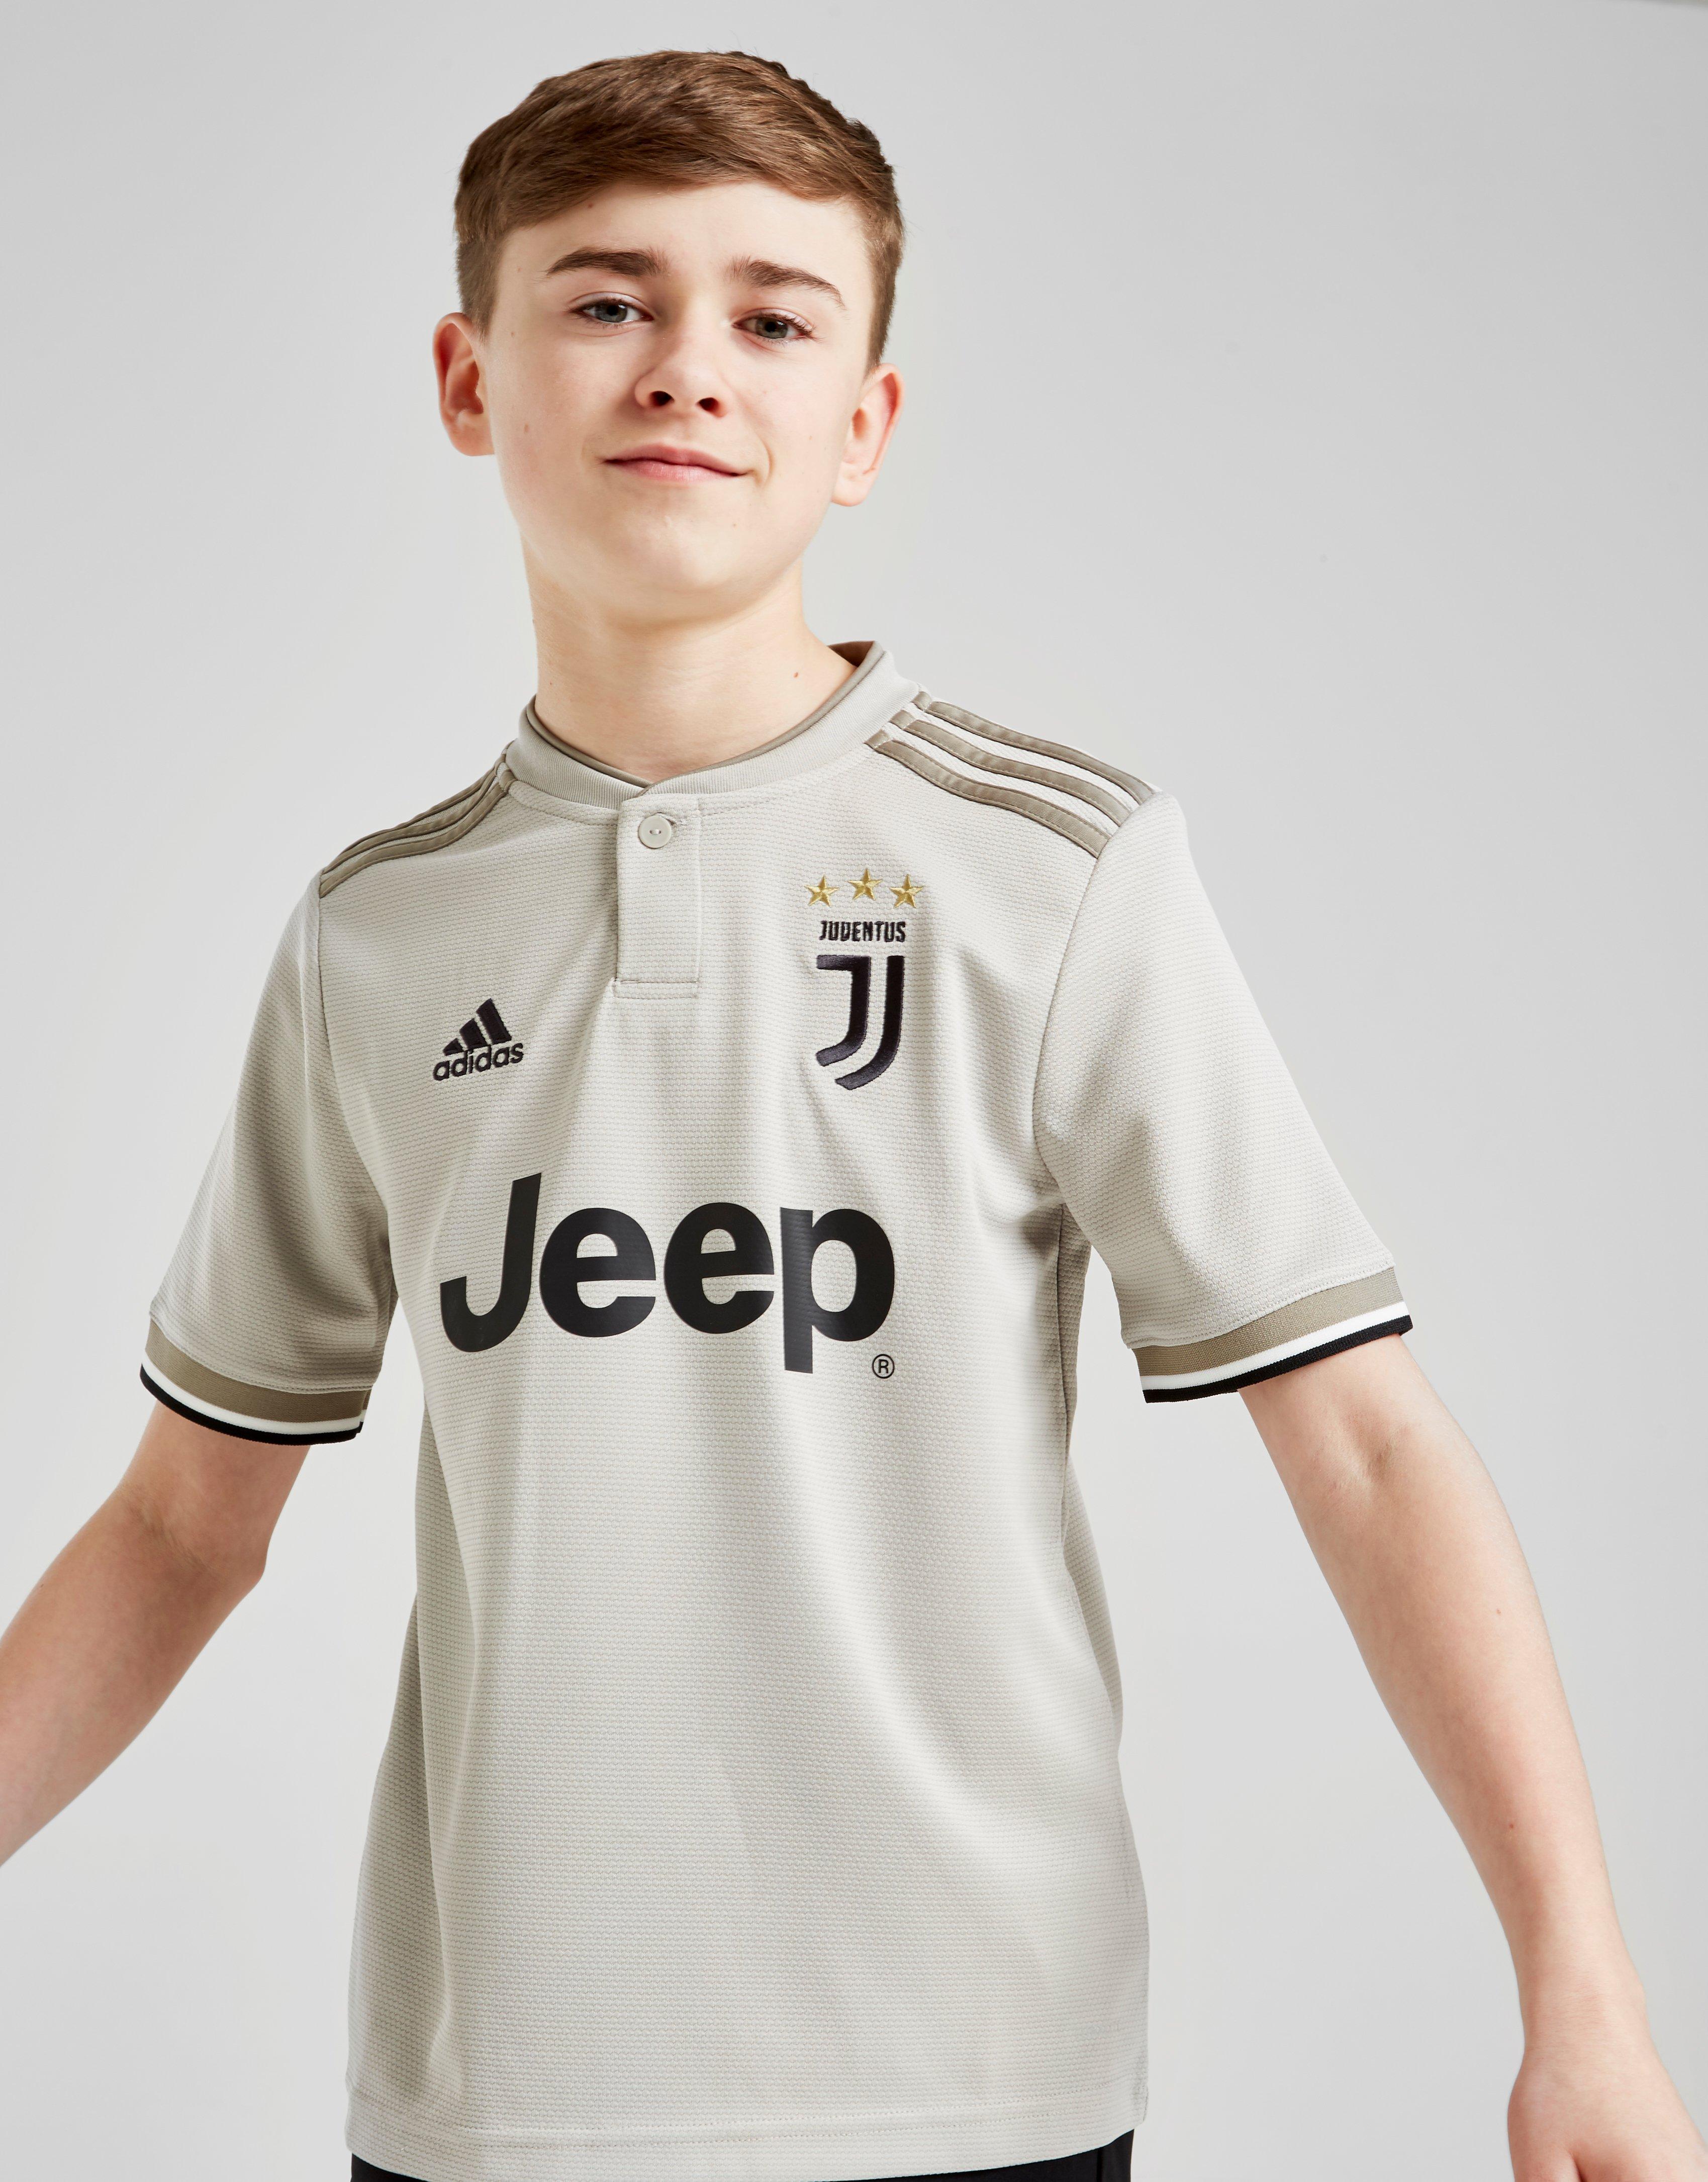 59c5effa8 New adidas Boy s Juventus Away Jersey Brown